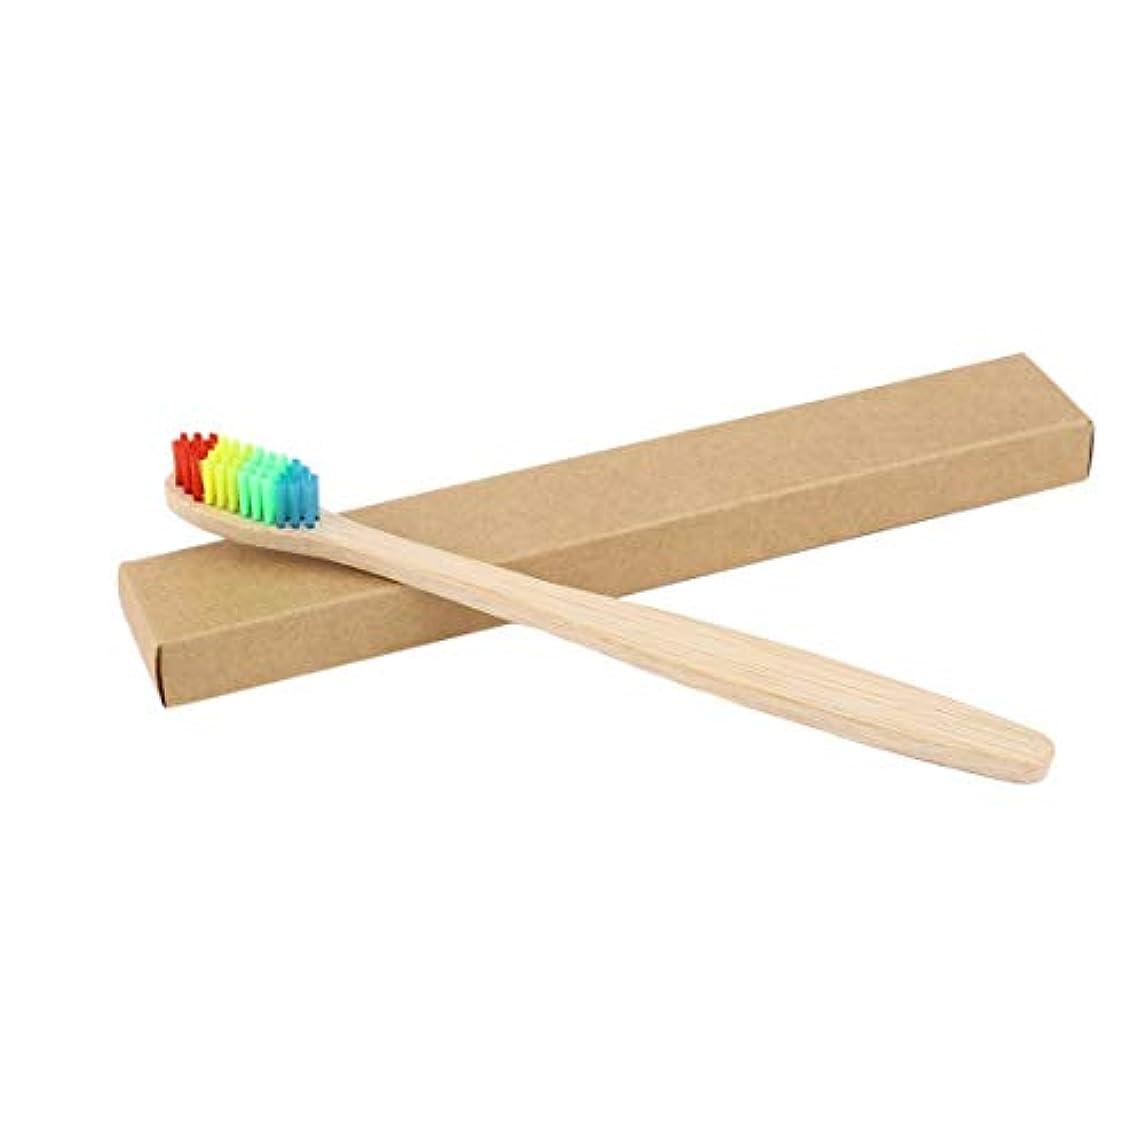 修正を通してイブカラフルな髪+竹のハンドル歯ブラシ環境木製の虹竹の歯ブラシオーラルケアソフト剛毛ユニセックス - ウッドカラー+カラフル